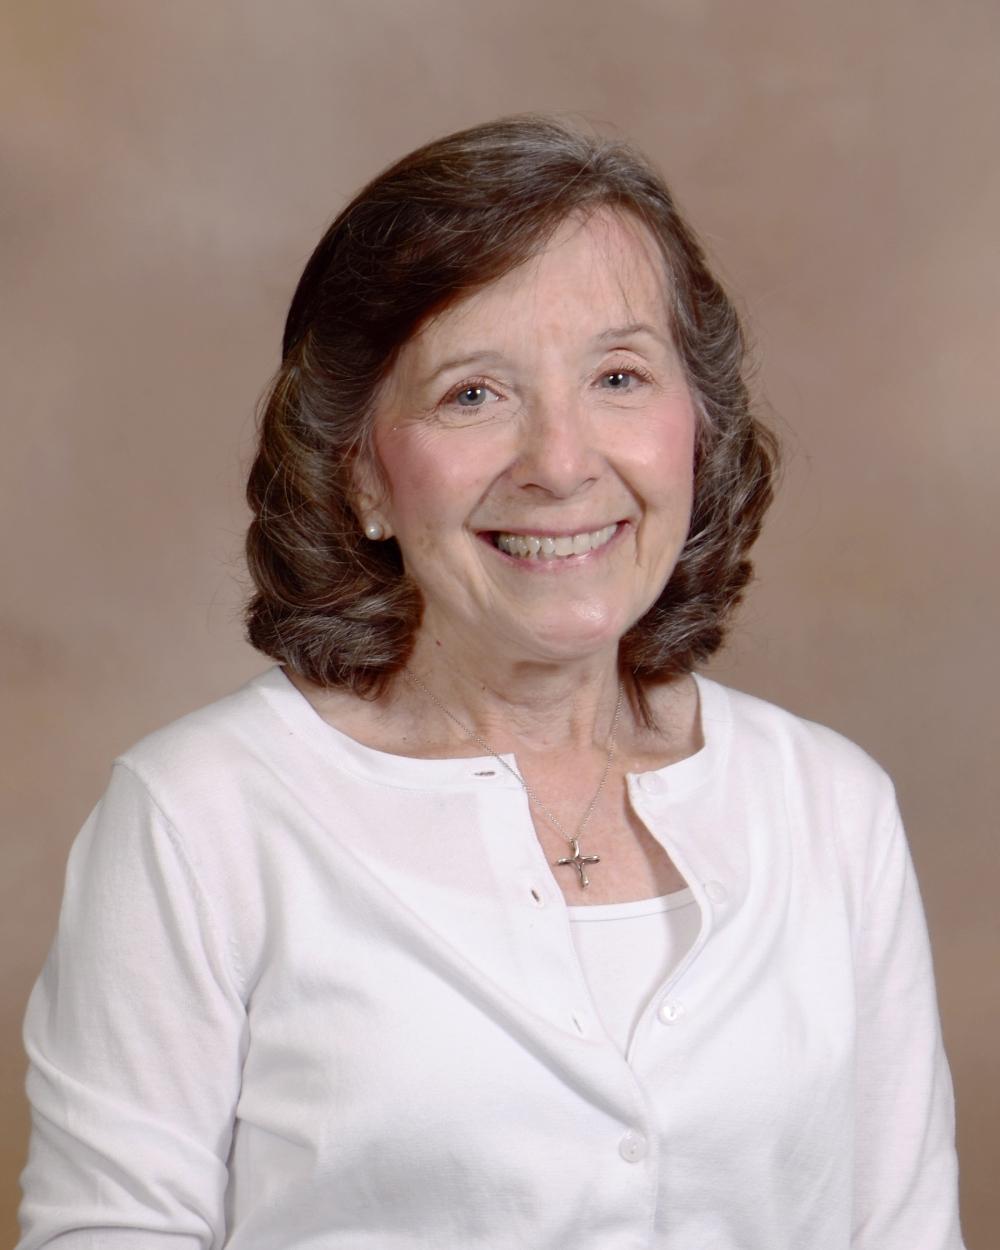 Mrs. Paula Fritz